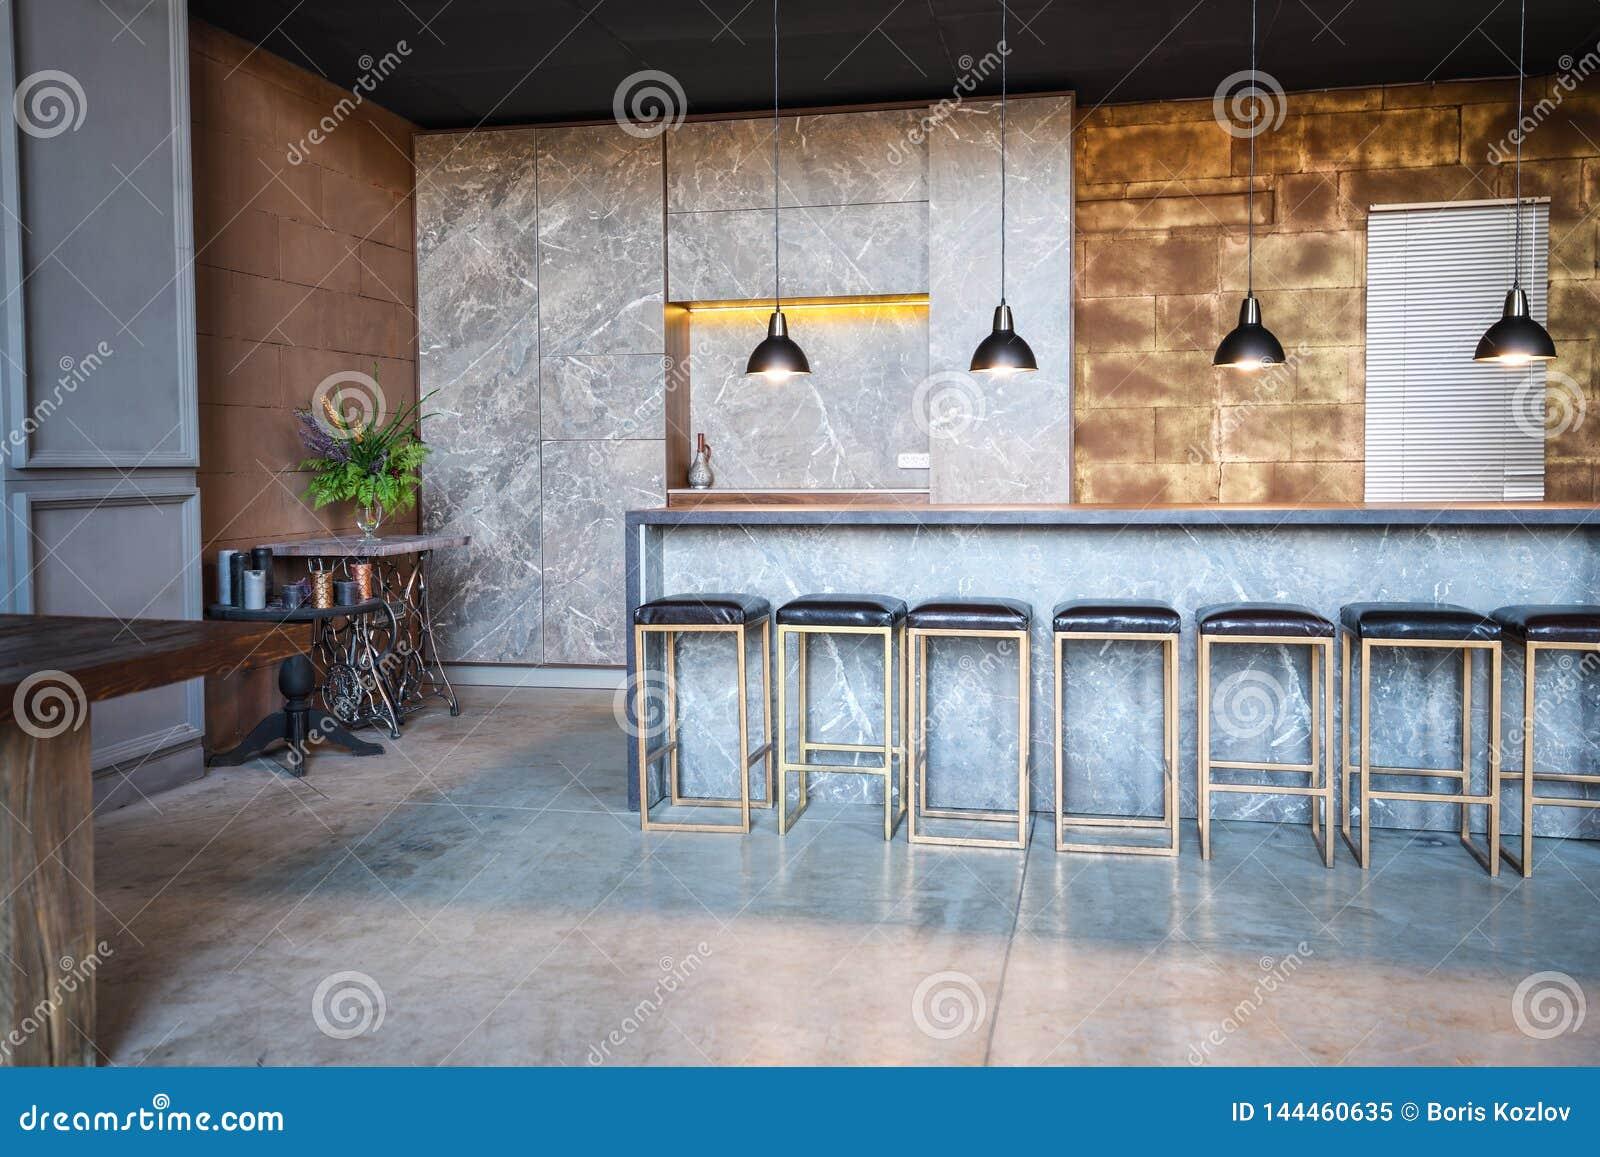 De industriële stijl van de zolderbar De ruimte heeft heel wat stoelen bij de bar, vier overhangende lampen